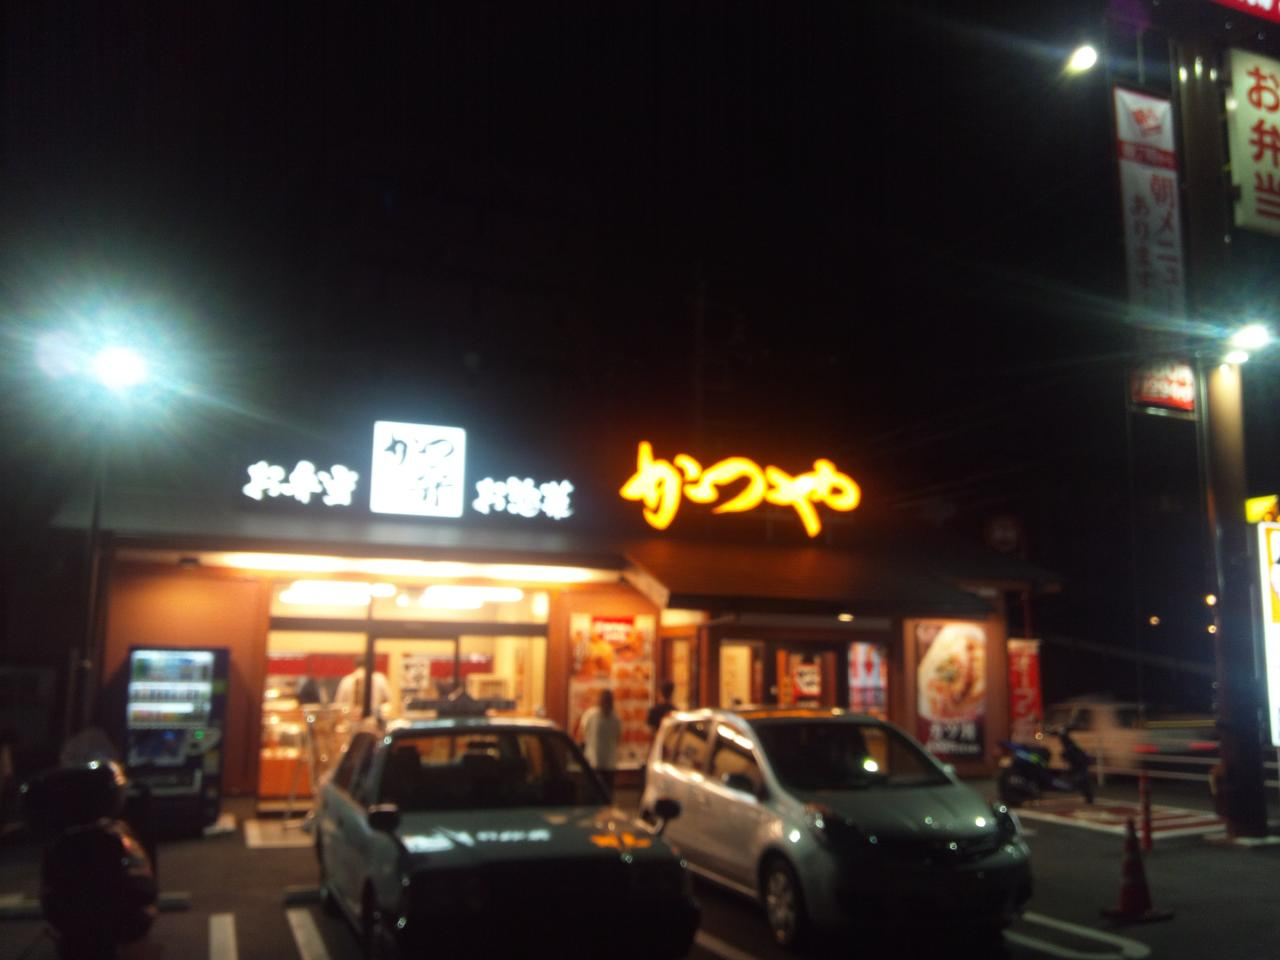 かつや川崎梶ヶ谷店(店舗外観)